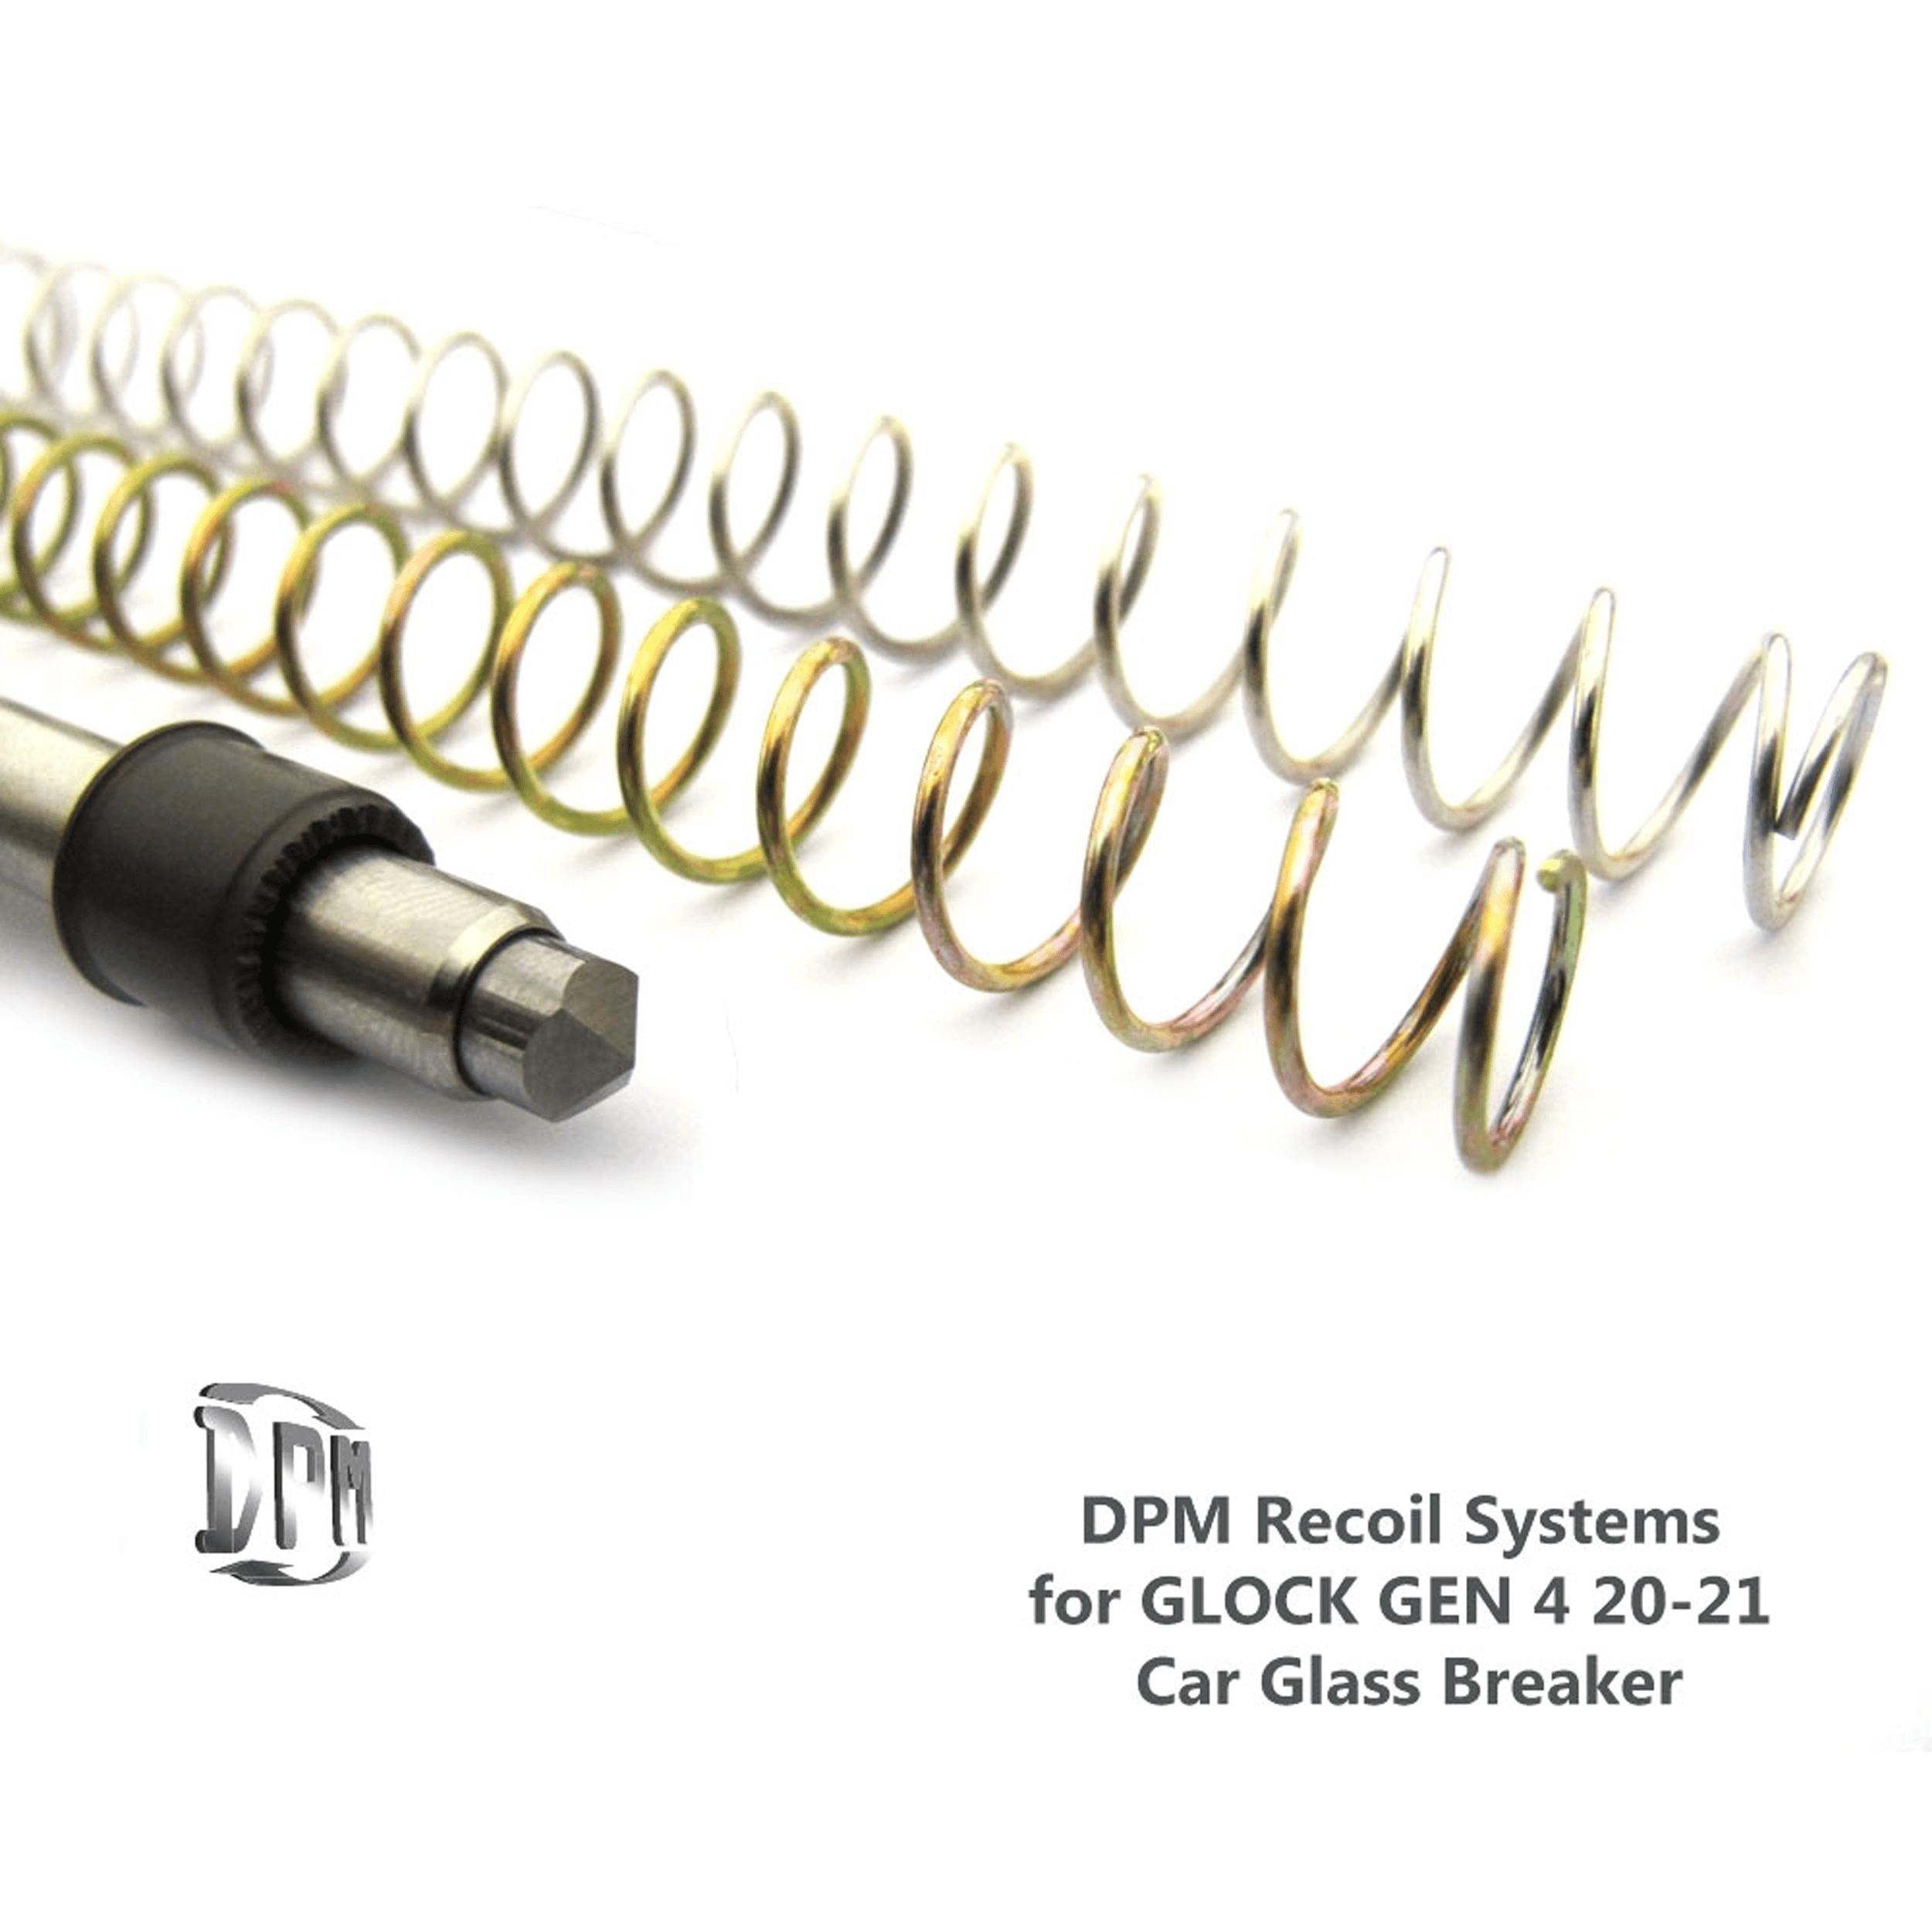 GLOCK 20, 21, 40, 41 & SF GEN 4 Car Glass Breaker